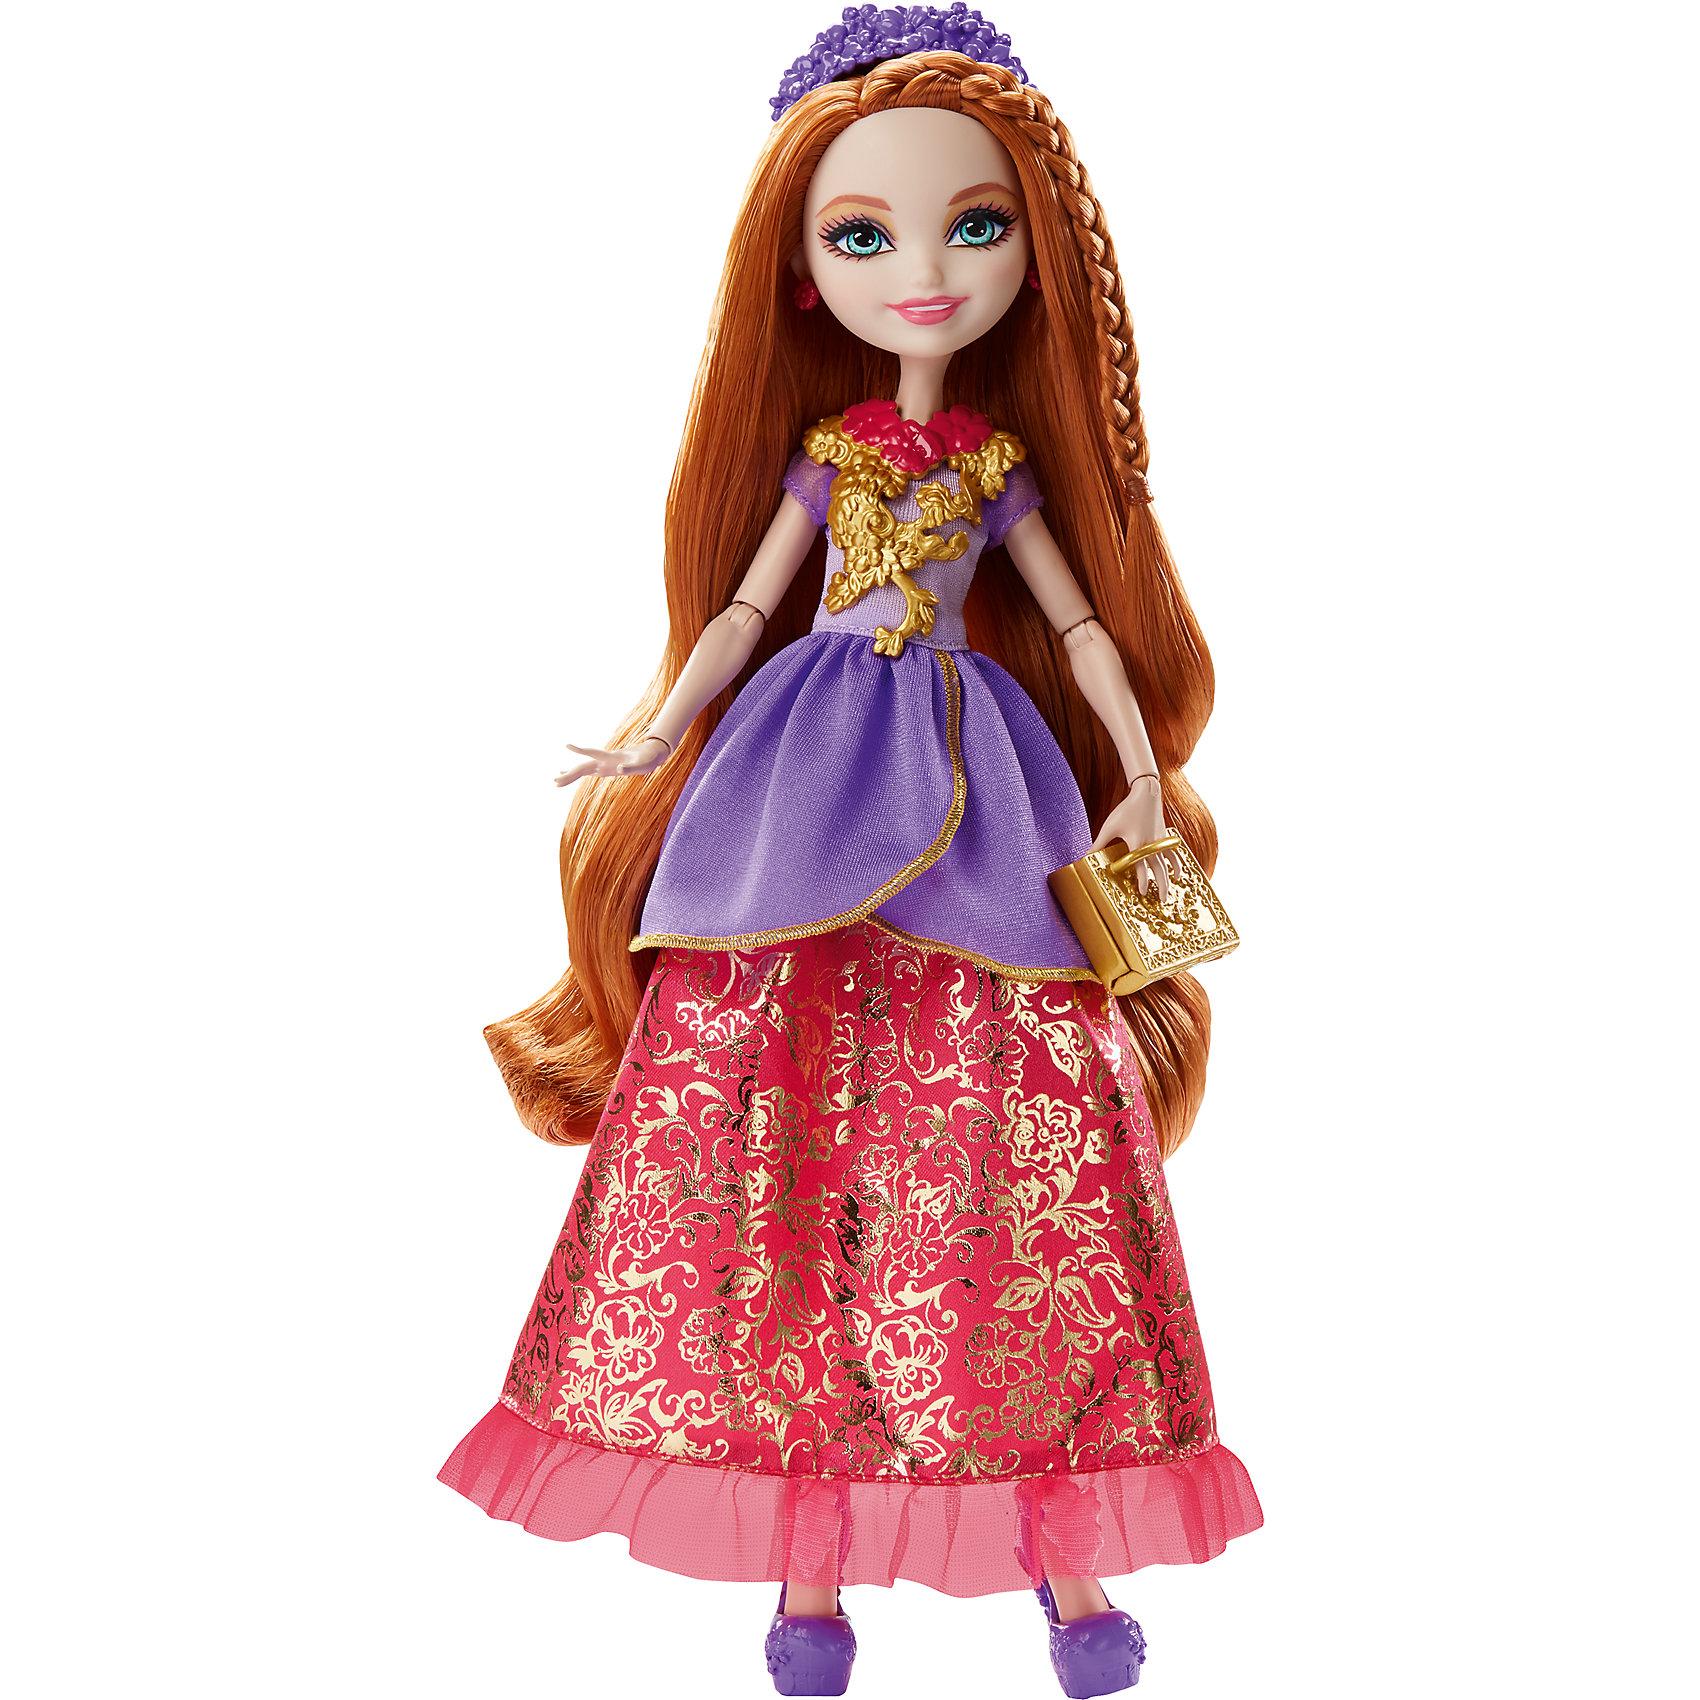 Кукла Холли О'Хара из серии Отважные принцессы, Ever After HighEver After High<br>Характеристики товара:<br><br>• имя героини: Холли О'Хара, дочь Рапунцель<br>• комплектация: кукла, одежда, аксессуары<br>• материал: пластик, текстиль<br>• серия: Отважные принцессы, Ever After High<br>• руки, ноги гнутся<br>• высота куклы: 28 см<br>• возраст: от 6 лет<br>• размер упаковки: 33х23х7 см<br>• вес: 0,3 кг<br>• страна бренда: США<br><br>Такая современная кукла порадует маленьких любительниц мира Ever After High . Костюм героини дополняет обувь и аксессуары. Руки и ноги гнутся, из длинных волос можно делать прически! Кукла Холли О'Хара серии Отважные принцессы, Ever After High, станет великолепным подарком для девочек.<br><br>Игры с куклами помогают девочкам отработать сценарии поведения в обществе, развить воображение и мелкую моторику. Изделие произведено из безопасных для детей материалов. Куклы Monster High и Ever After High от бренда Mattel не перестают быть популярными у современных девочек! <br><br>Куклу Холли О'Хара из серии Отважные принцессы, Ever After High, от компании Mattel можно купить в нашем интернет-магазине.<br><br>Ширина мм: 230<br>Глубина мм: 65<br>Высота мм: 130<br>Вес г: 312<br>Возраст от месяцев: 72<br>Возраст до месяцев: 144<br>Пол: Женский<br>Возраст: Детский<br>SKU: 5389678